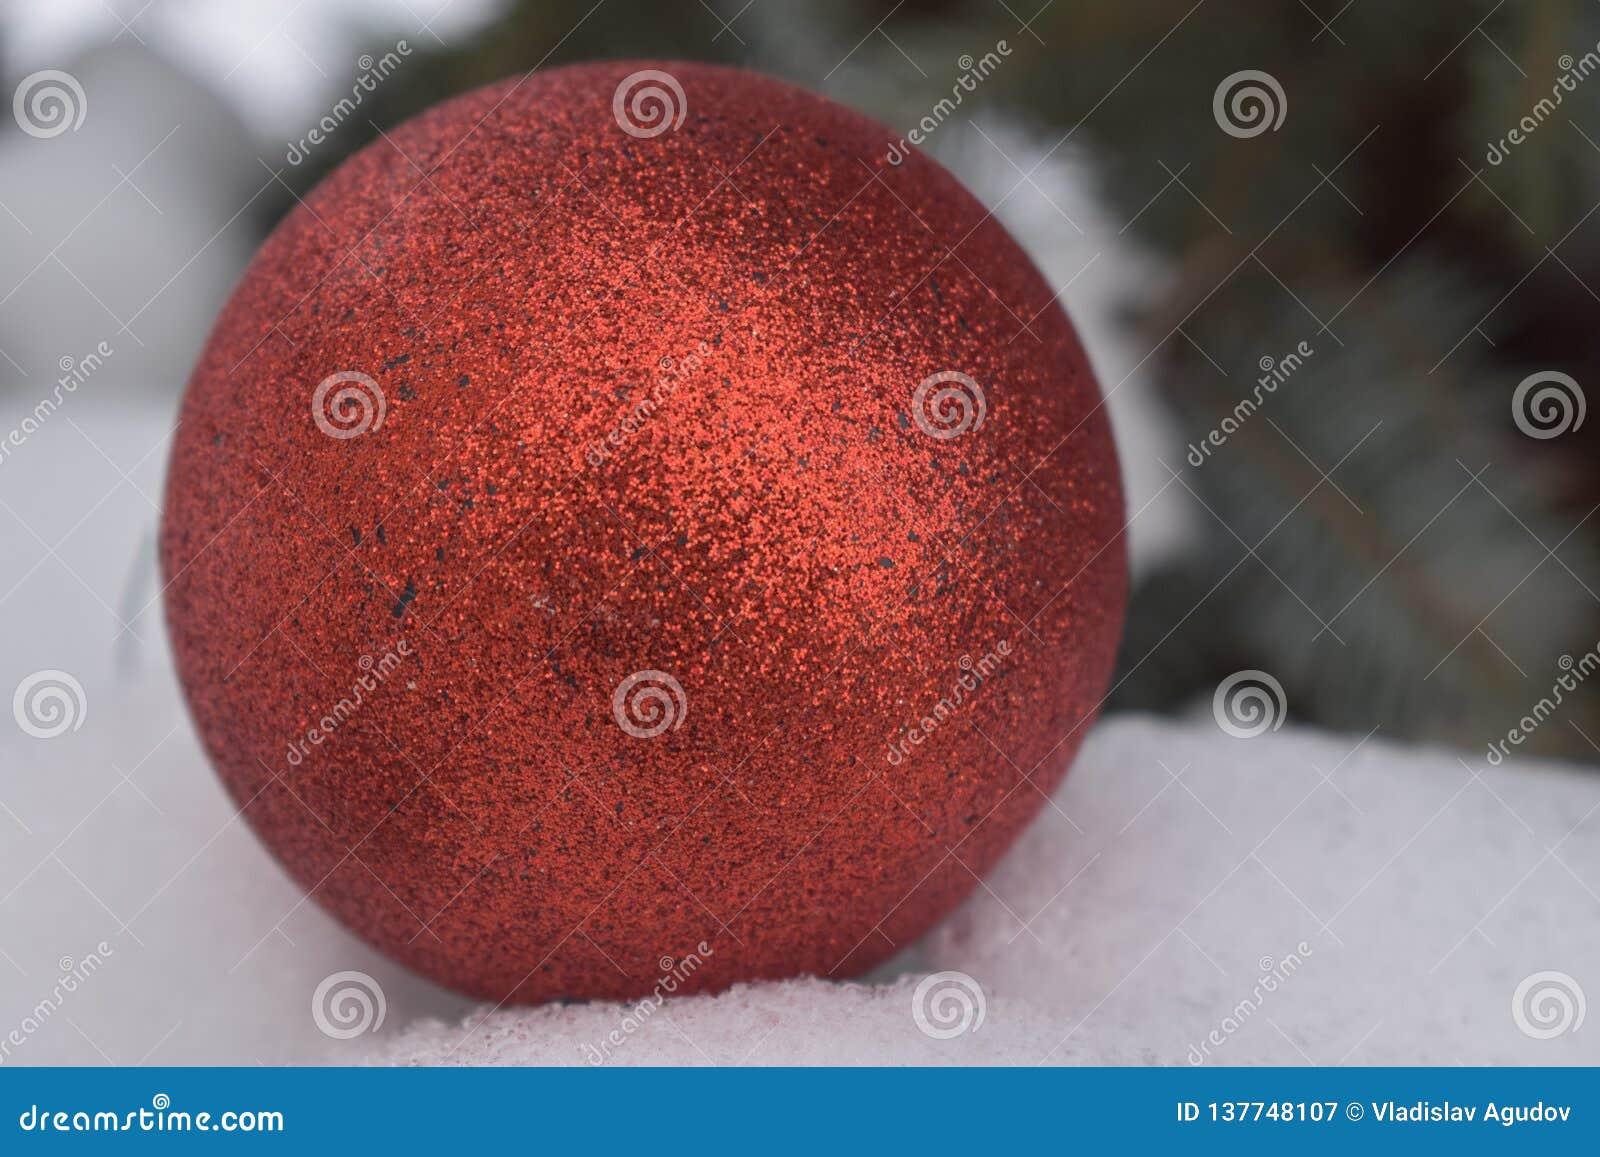 已经不新,而且同一个美丽的新年的球